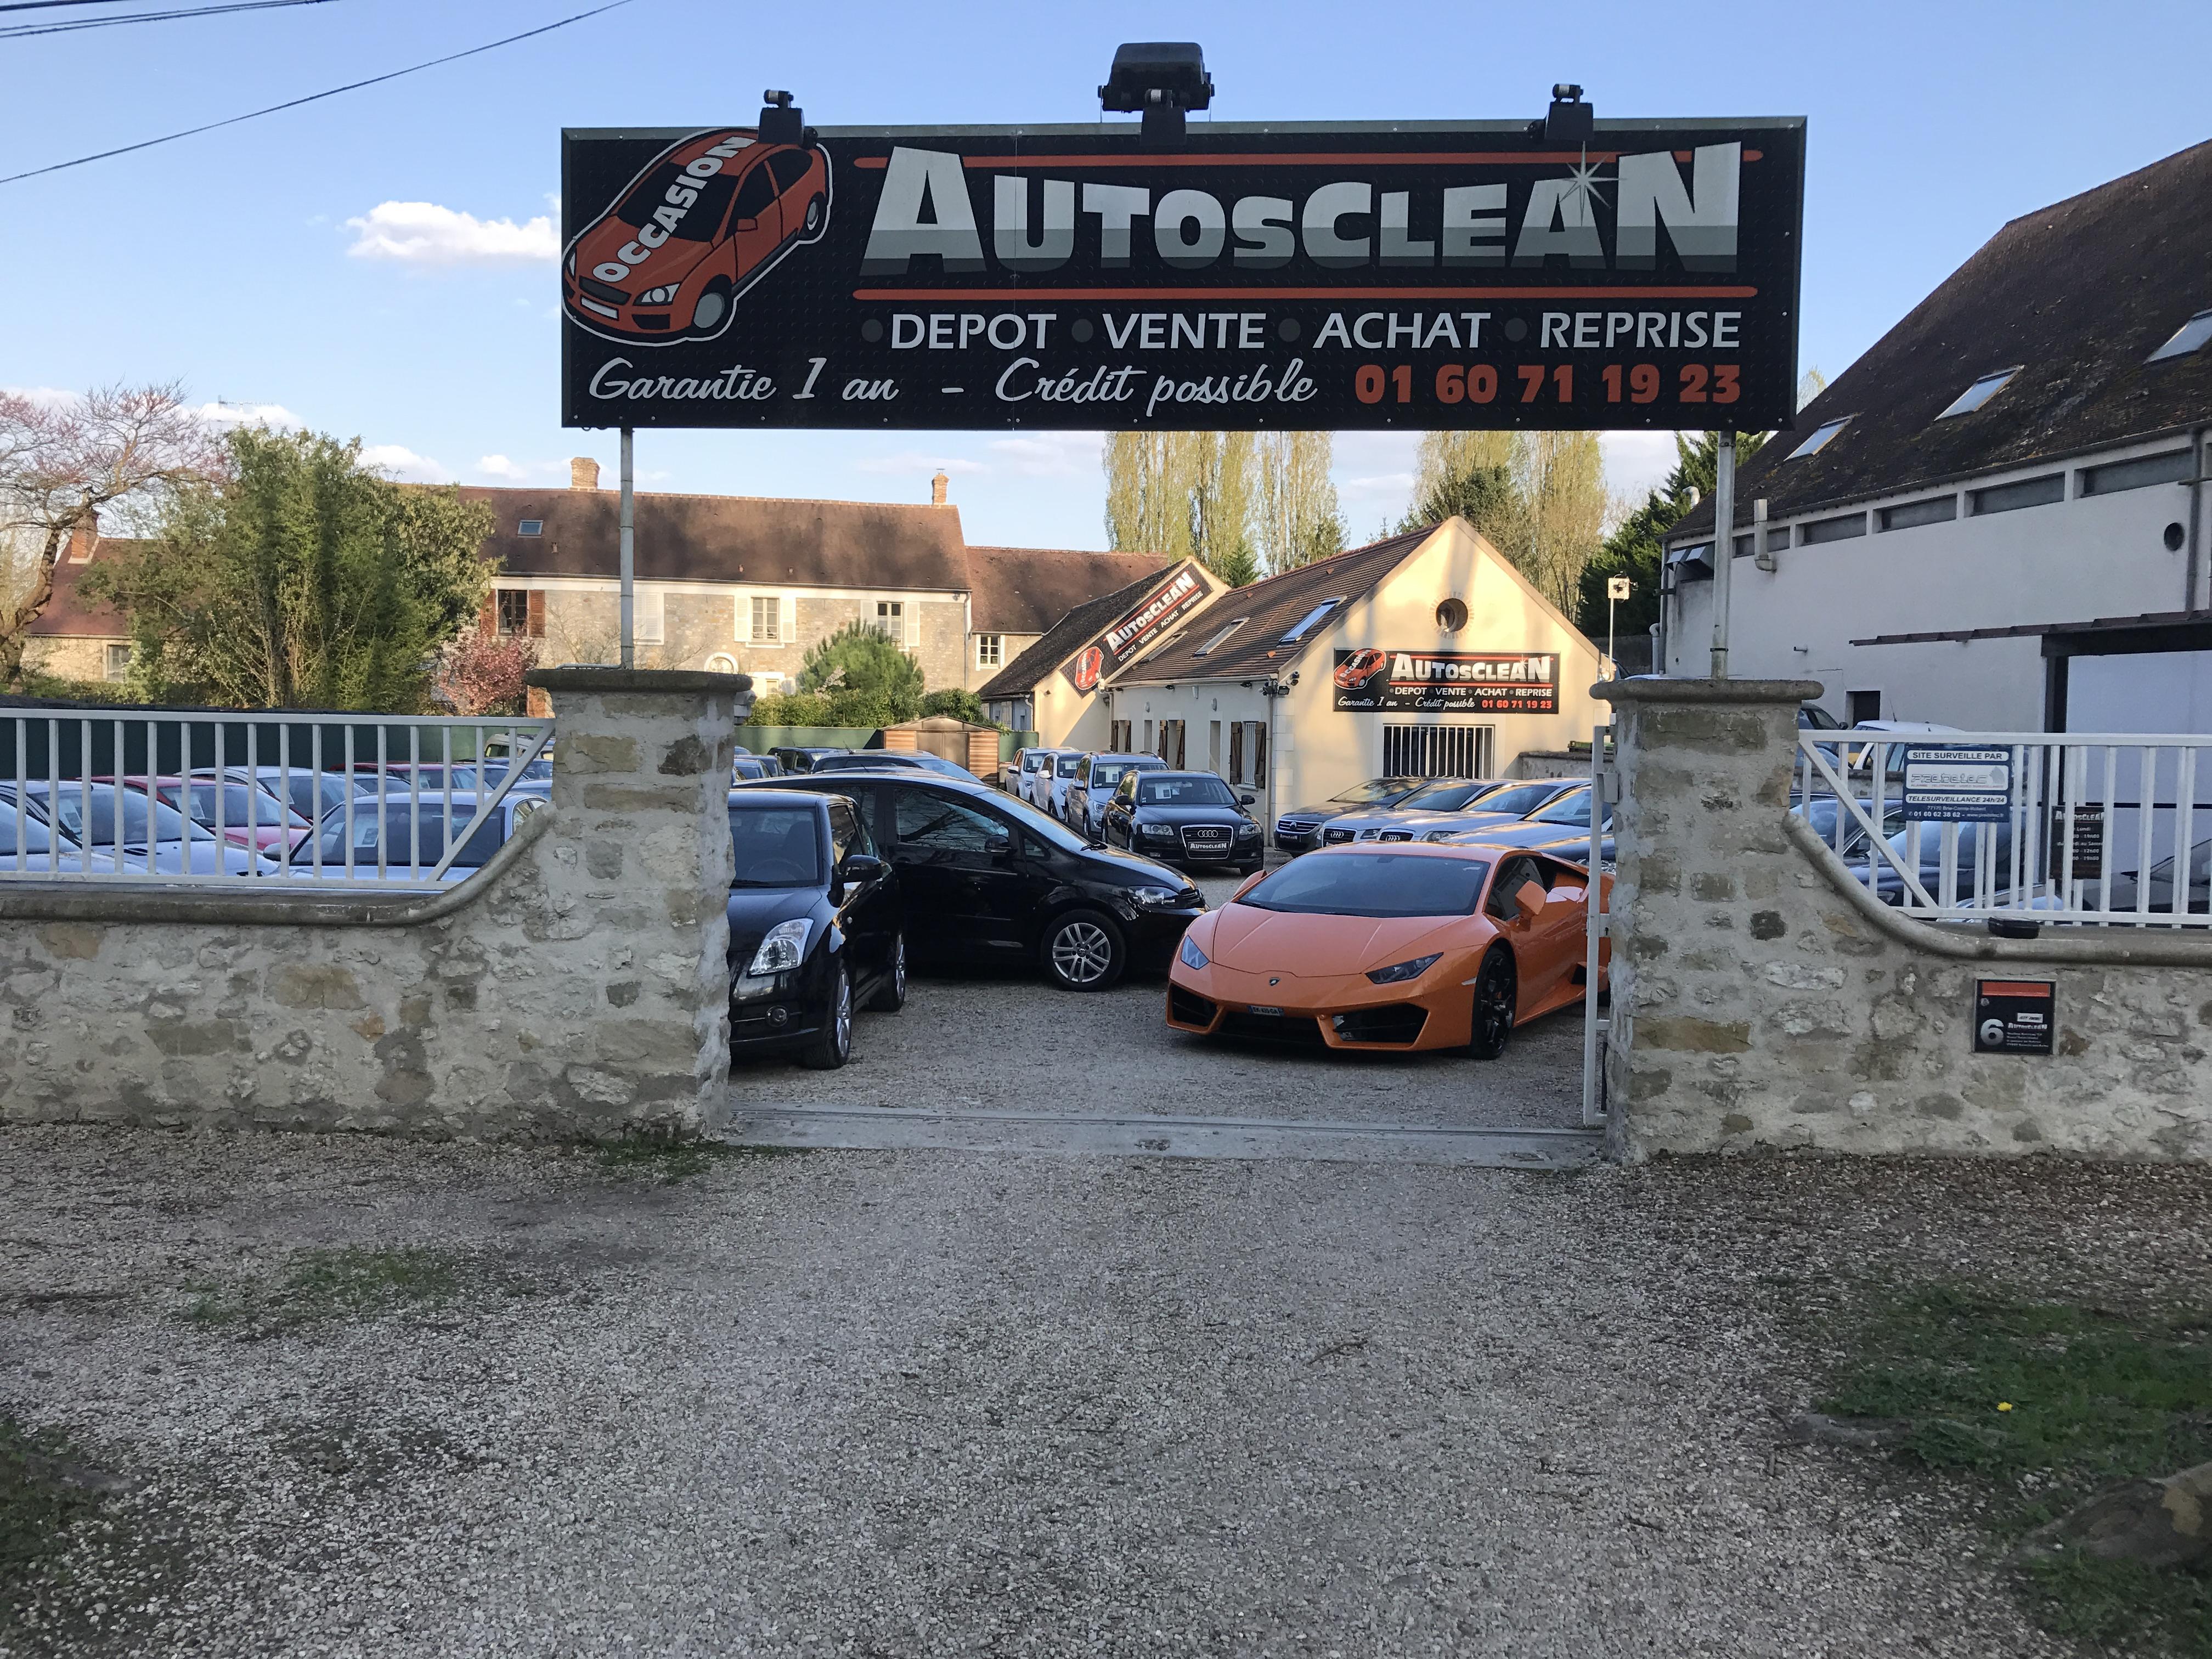 AUTOS CLEAN Voiture Occasion SAMOIS SUR SEINE